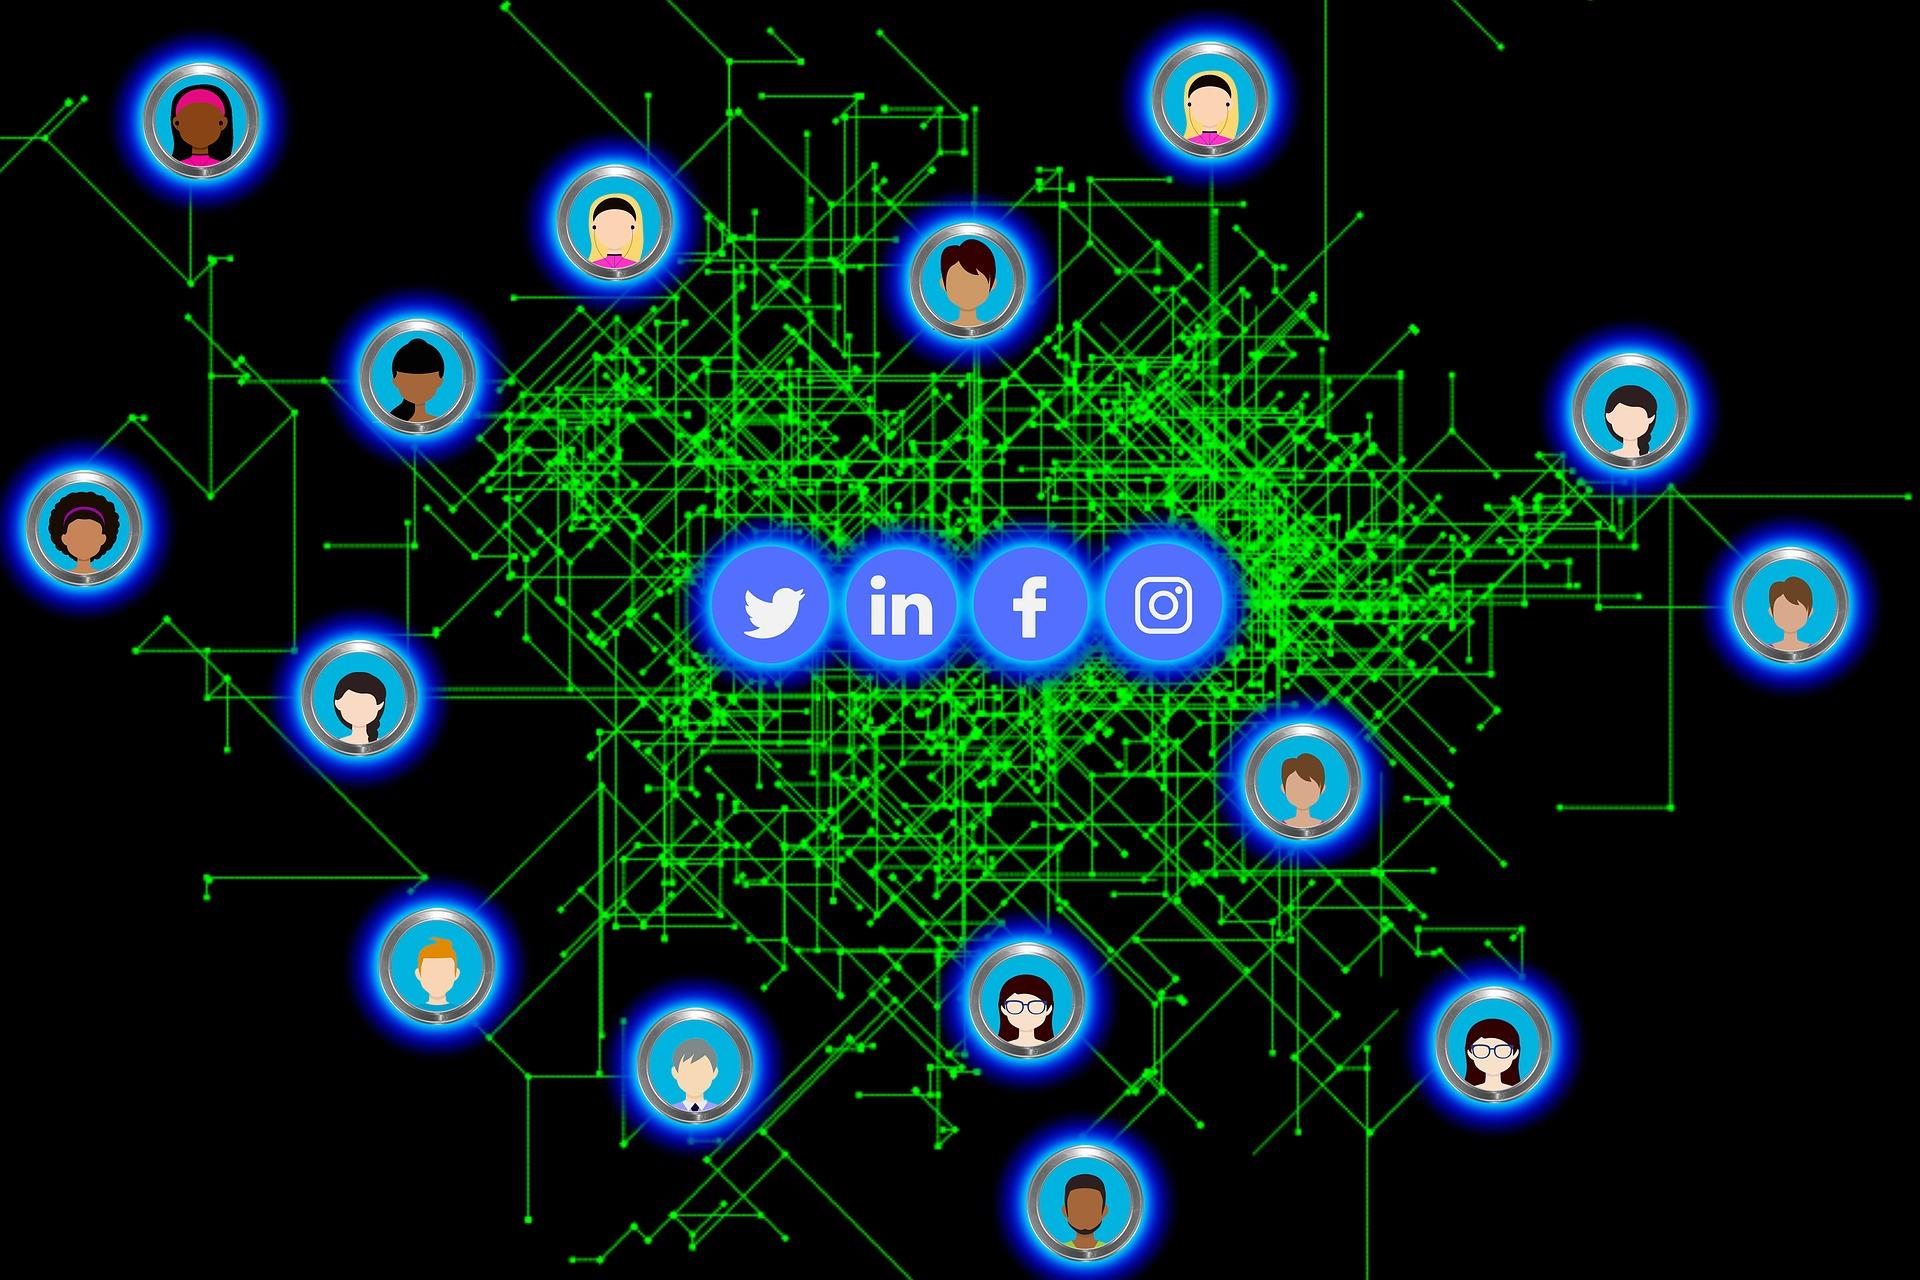 Social Media Marketing en la gestión interna